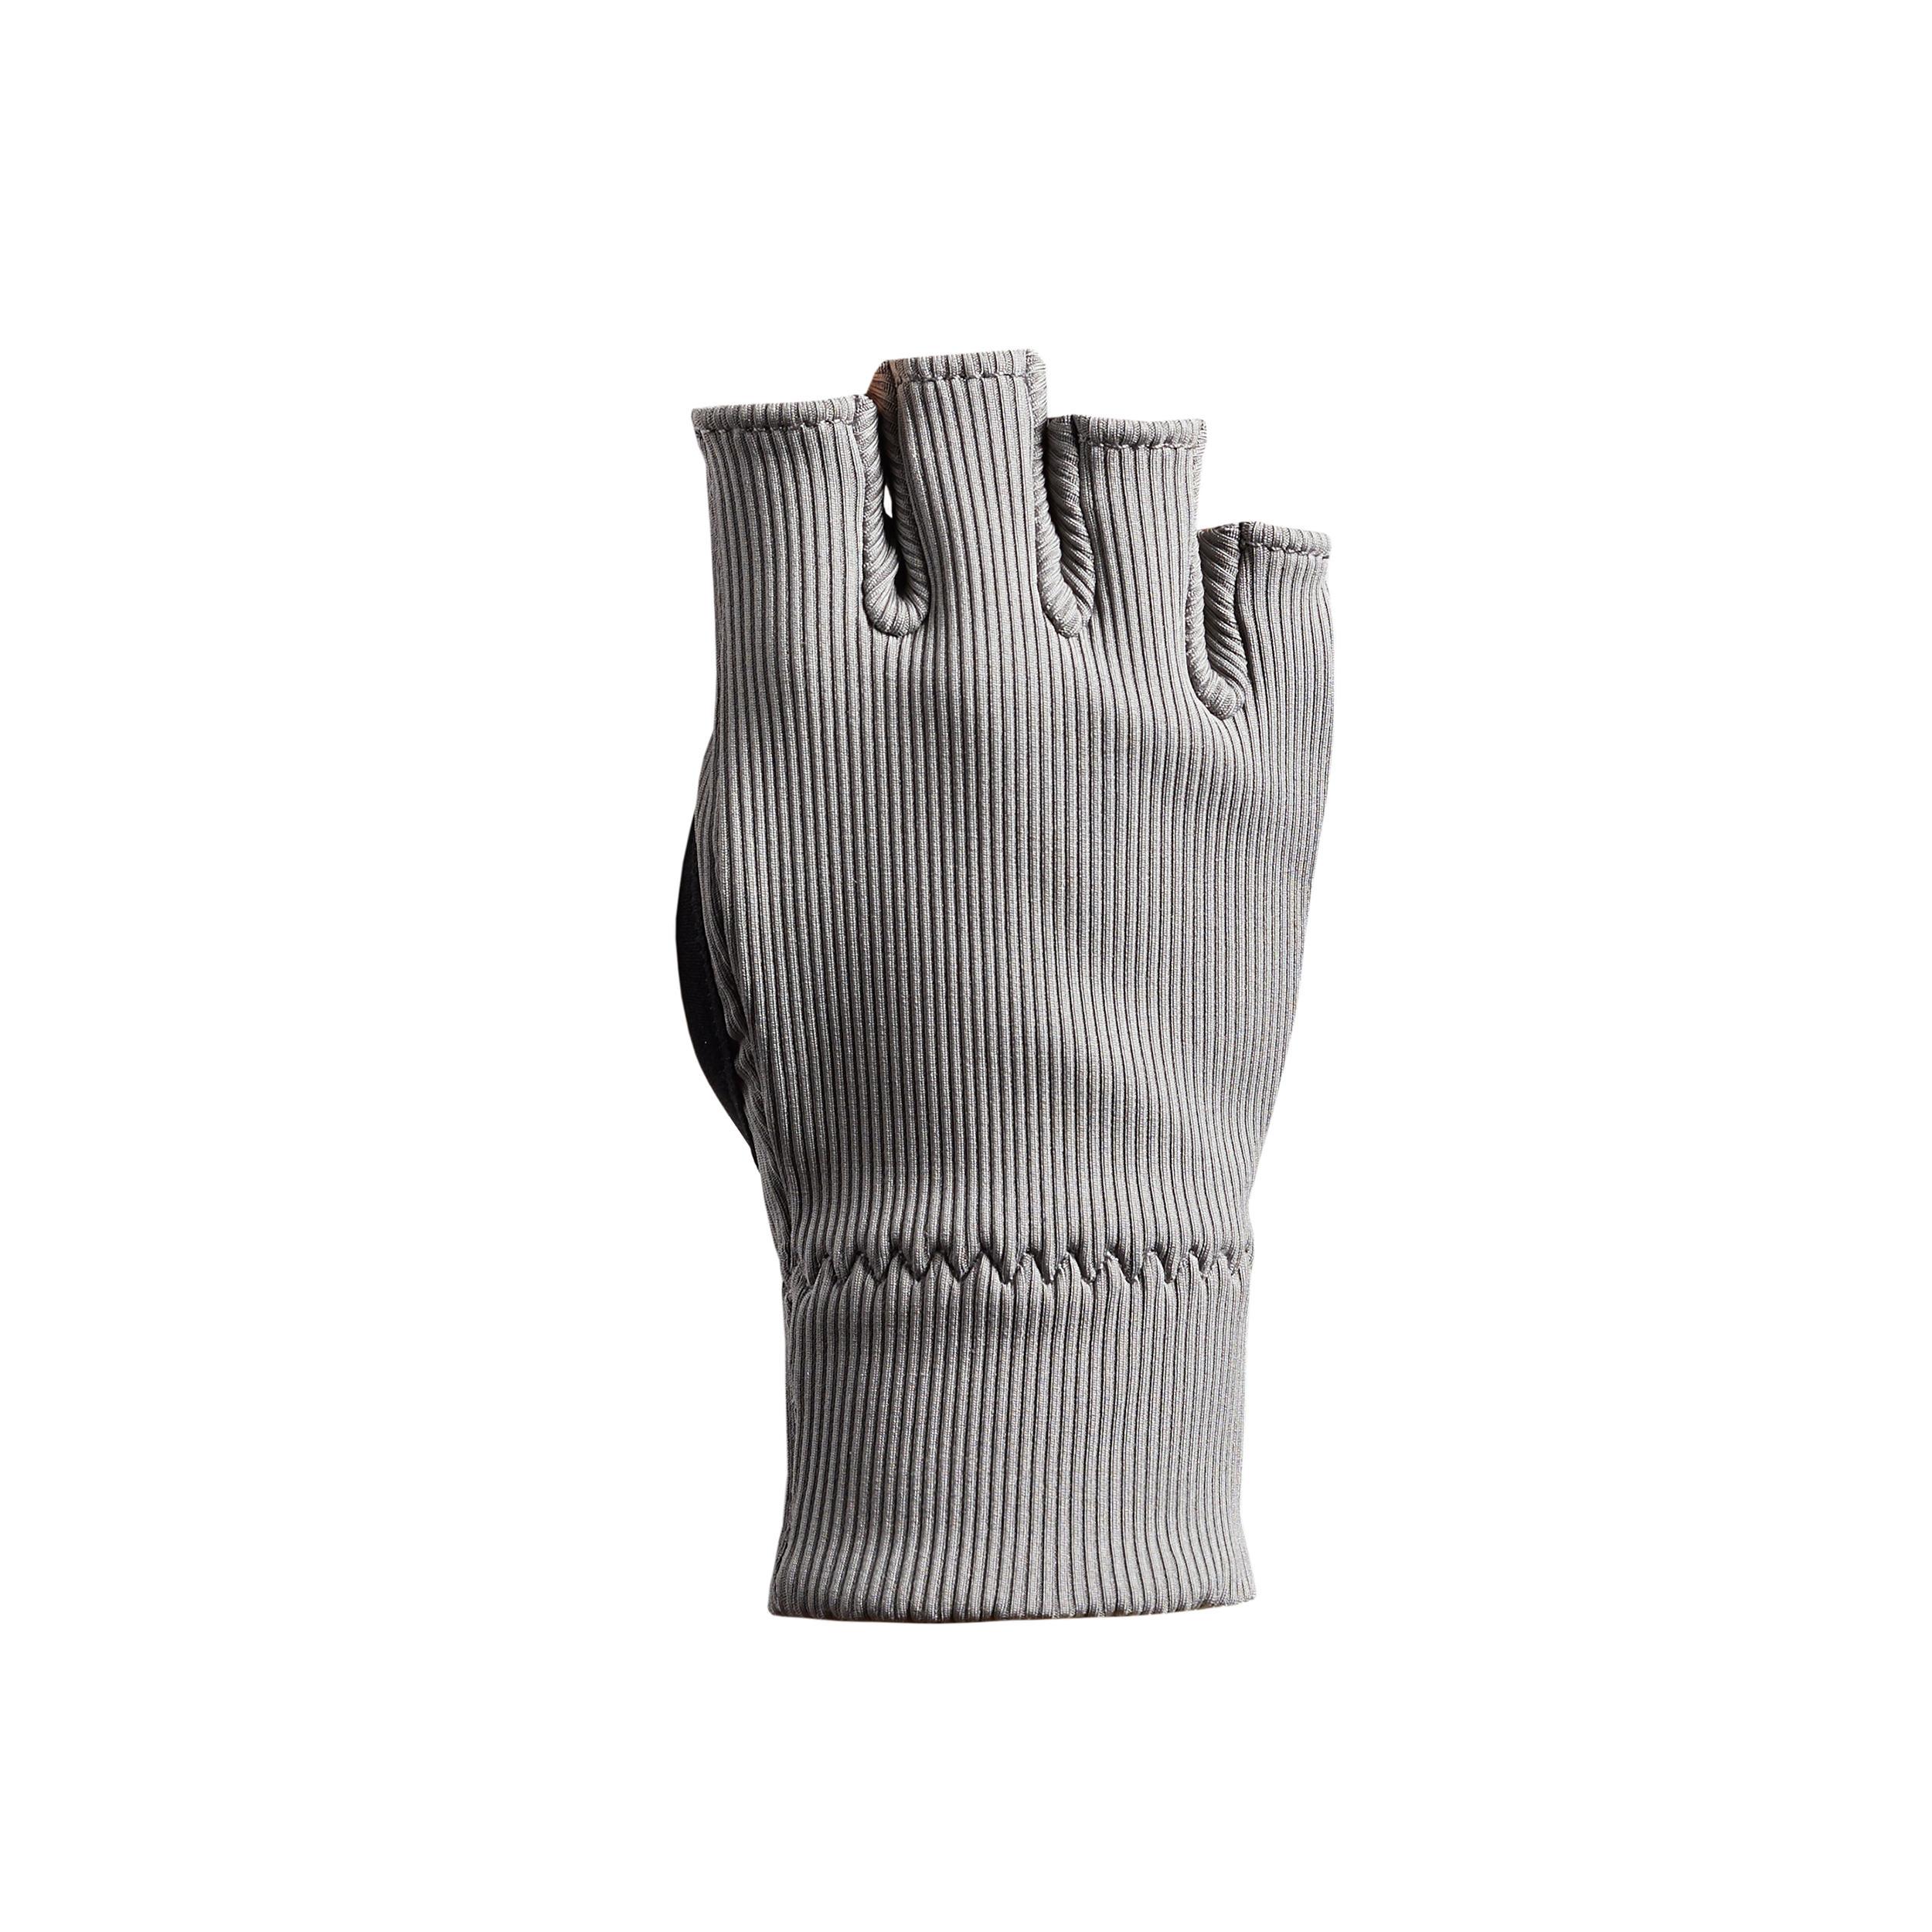 Mănuși interioare 100 Bărbați imagine